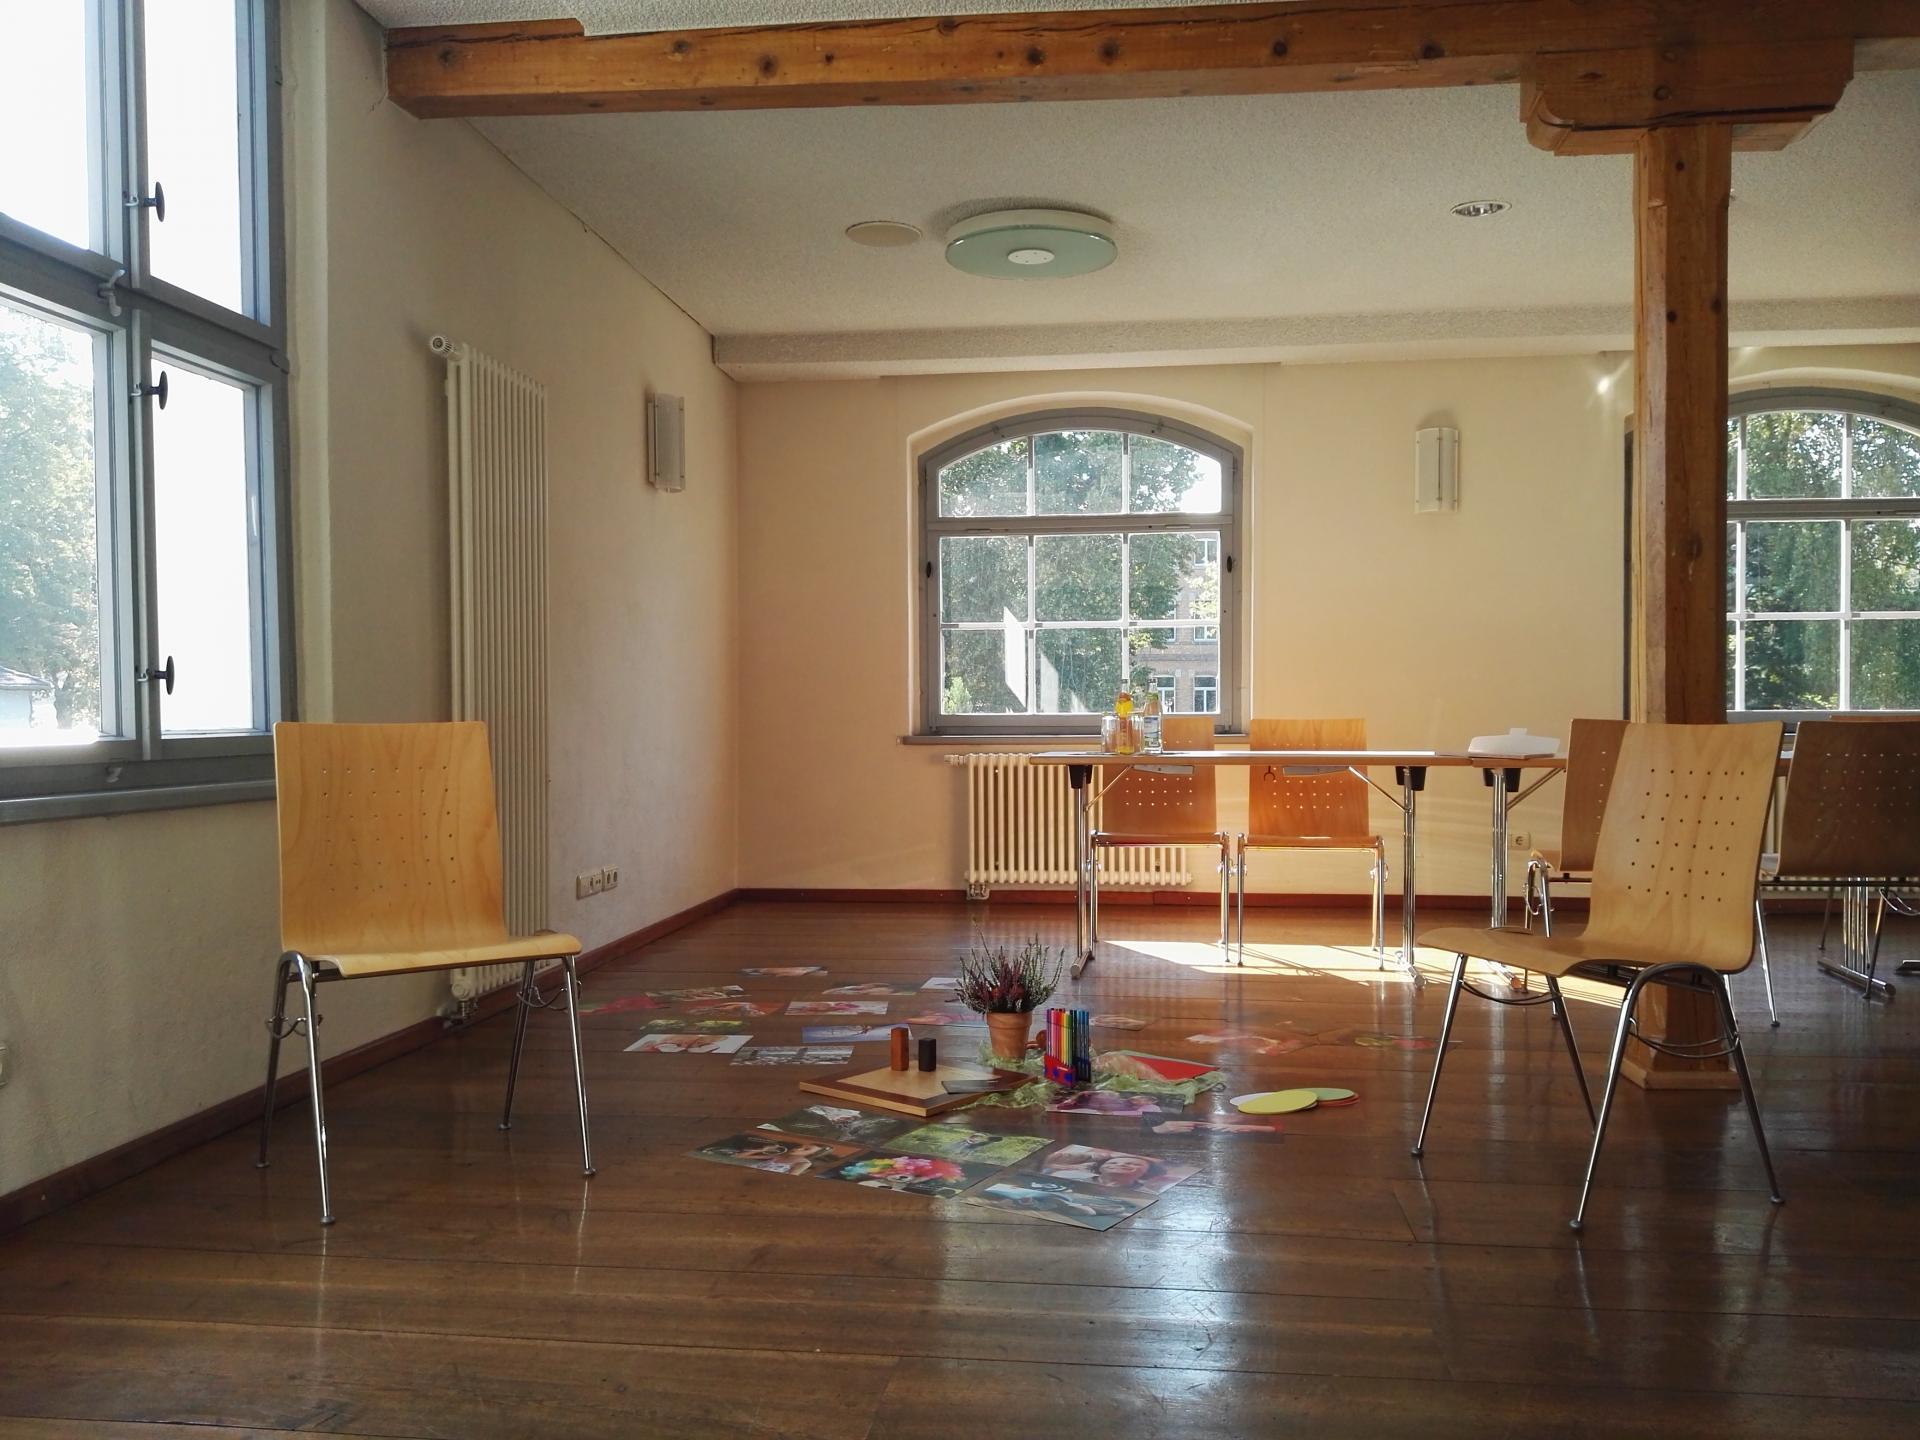 Beratungsraum im Esche-Museum